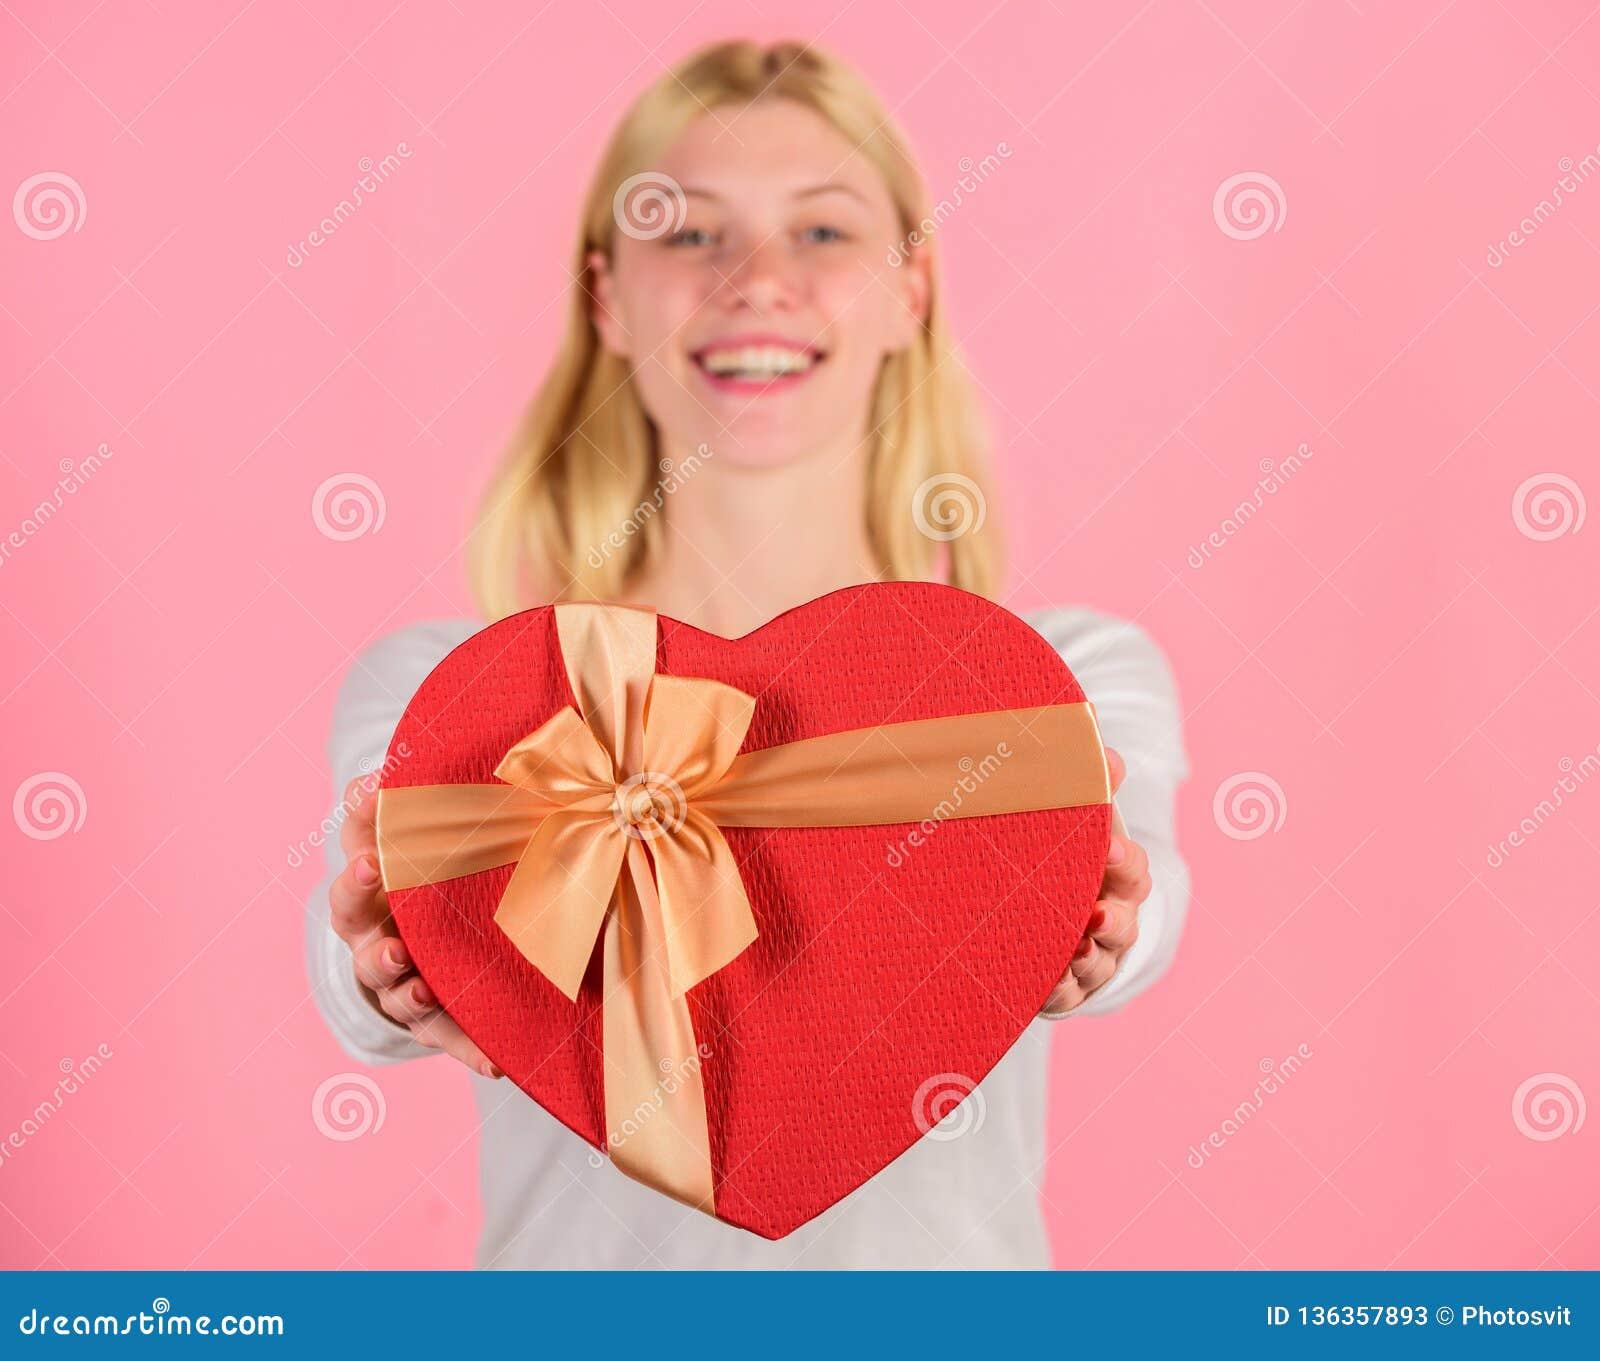 Żeński ręka chwyta prezenta pudełko Przygotowany coś specjalny dla on Ona romantyczna osoba Walentynka prezent dla chłopaka znale